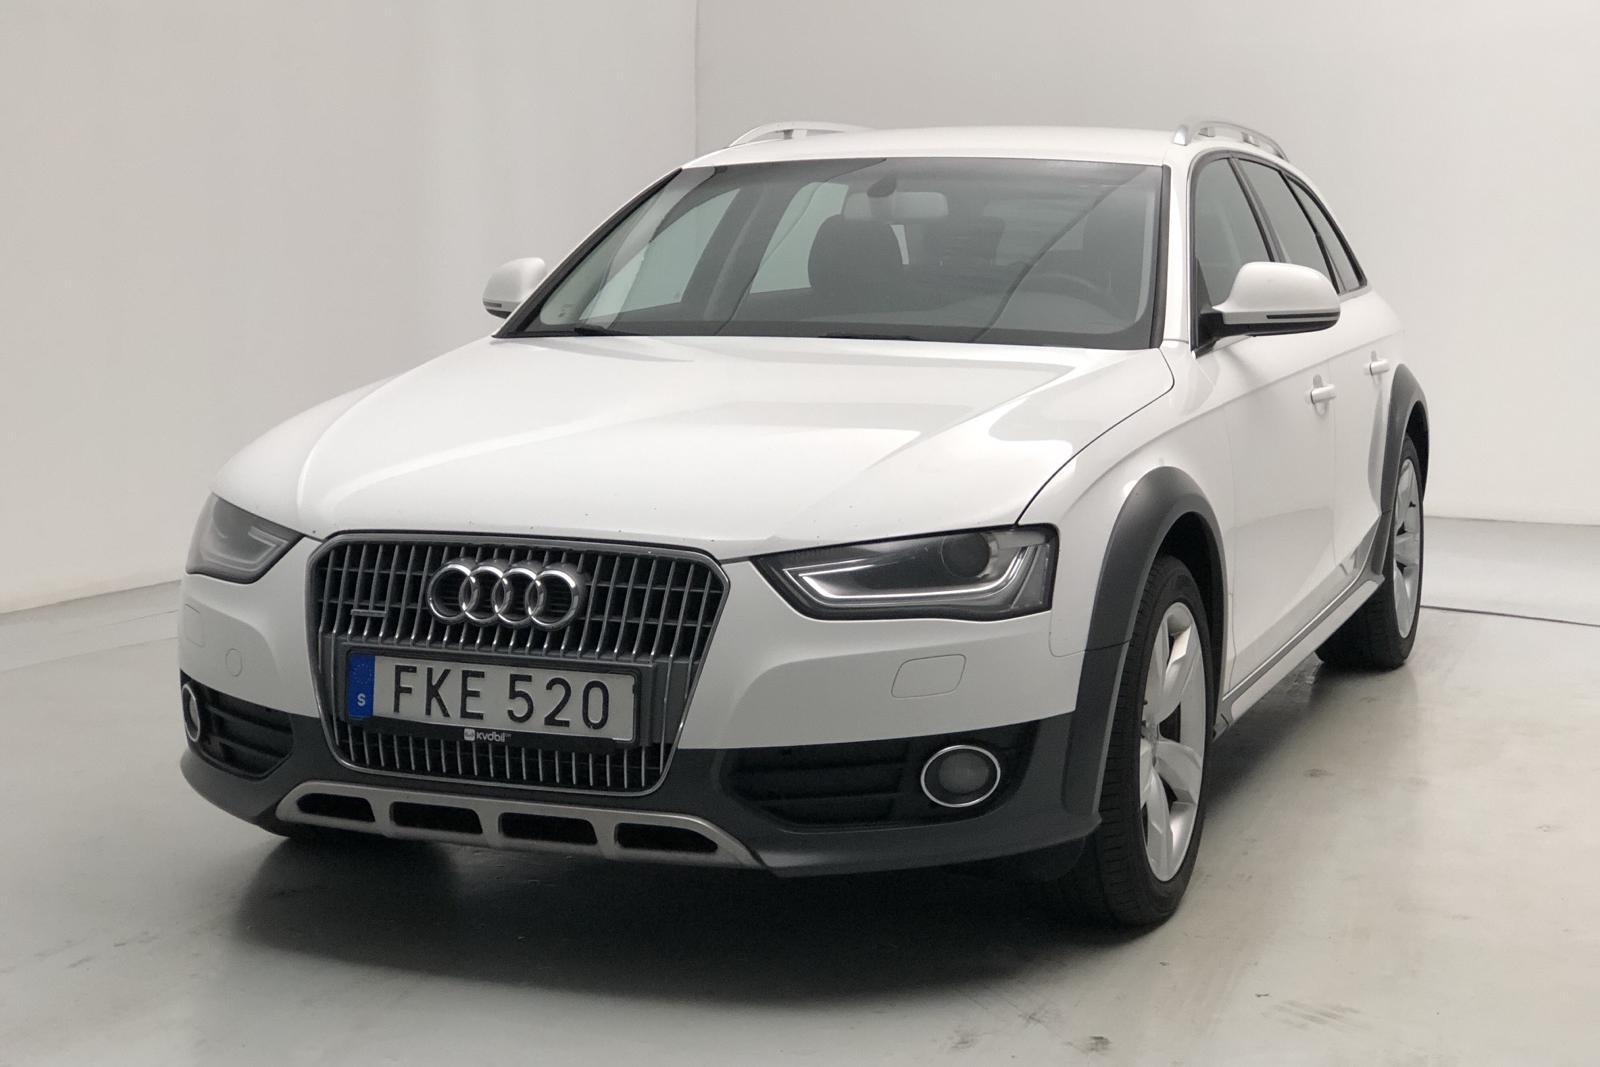 Audi A4 Allroad 2.0 TDI Avant quattro (150hk) - 0 mil - Manuell - vit - 2015